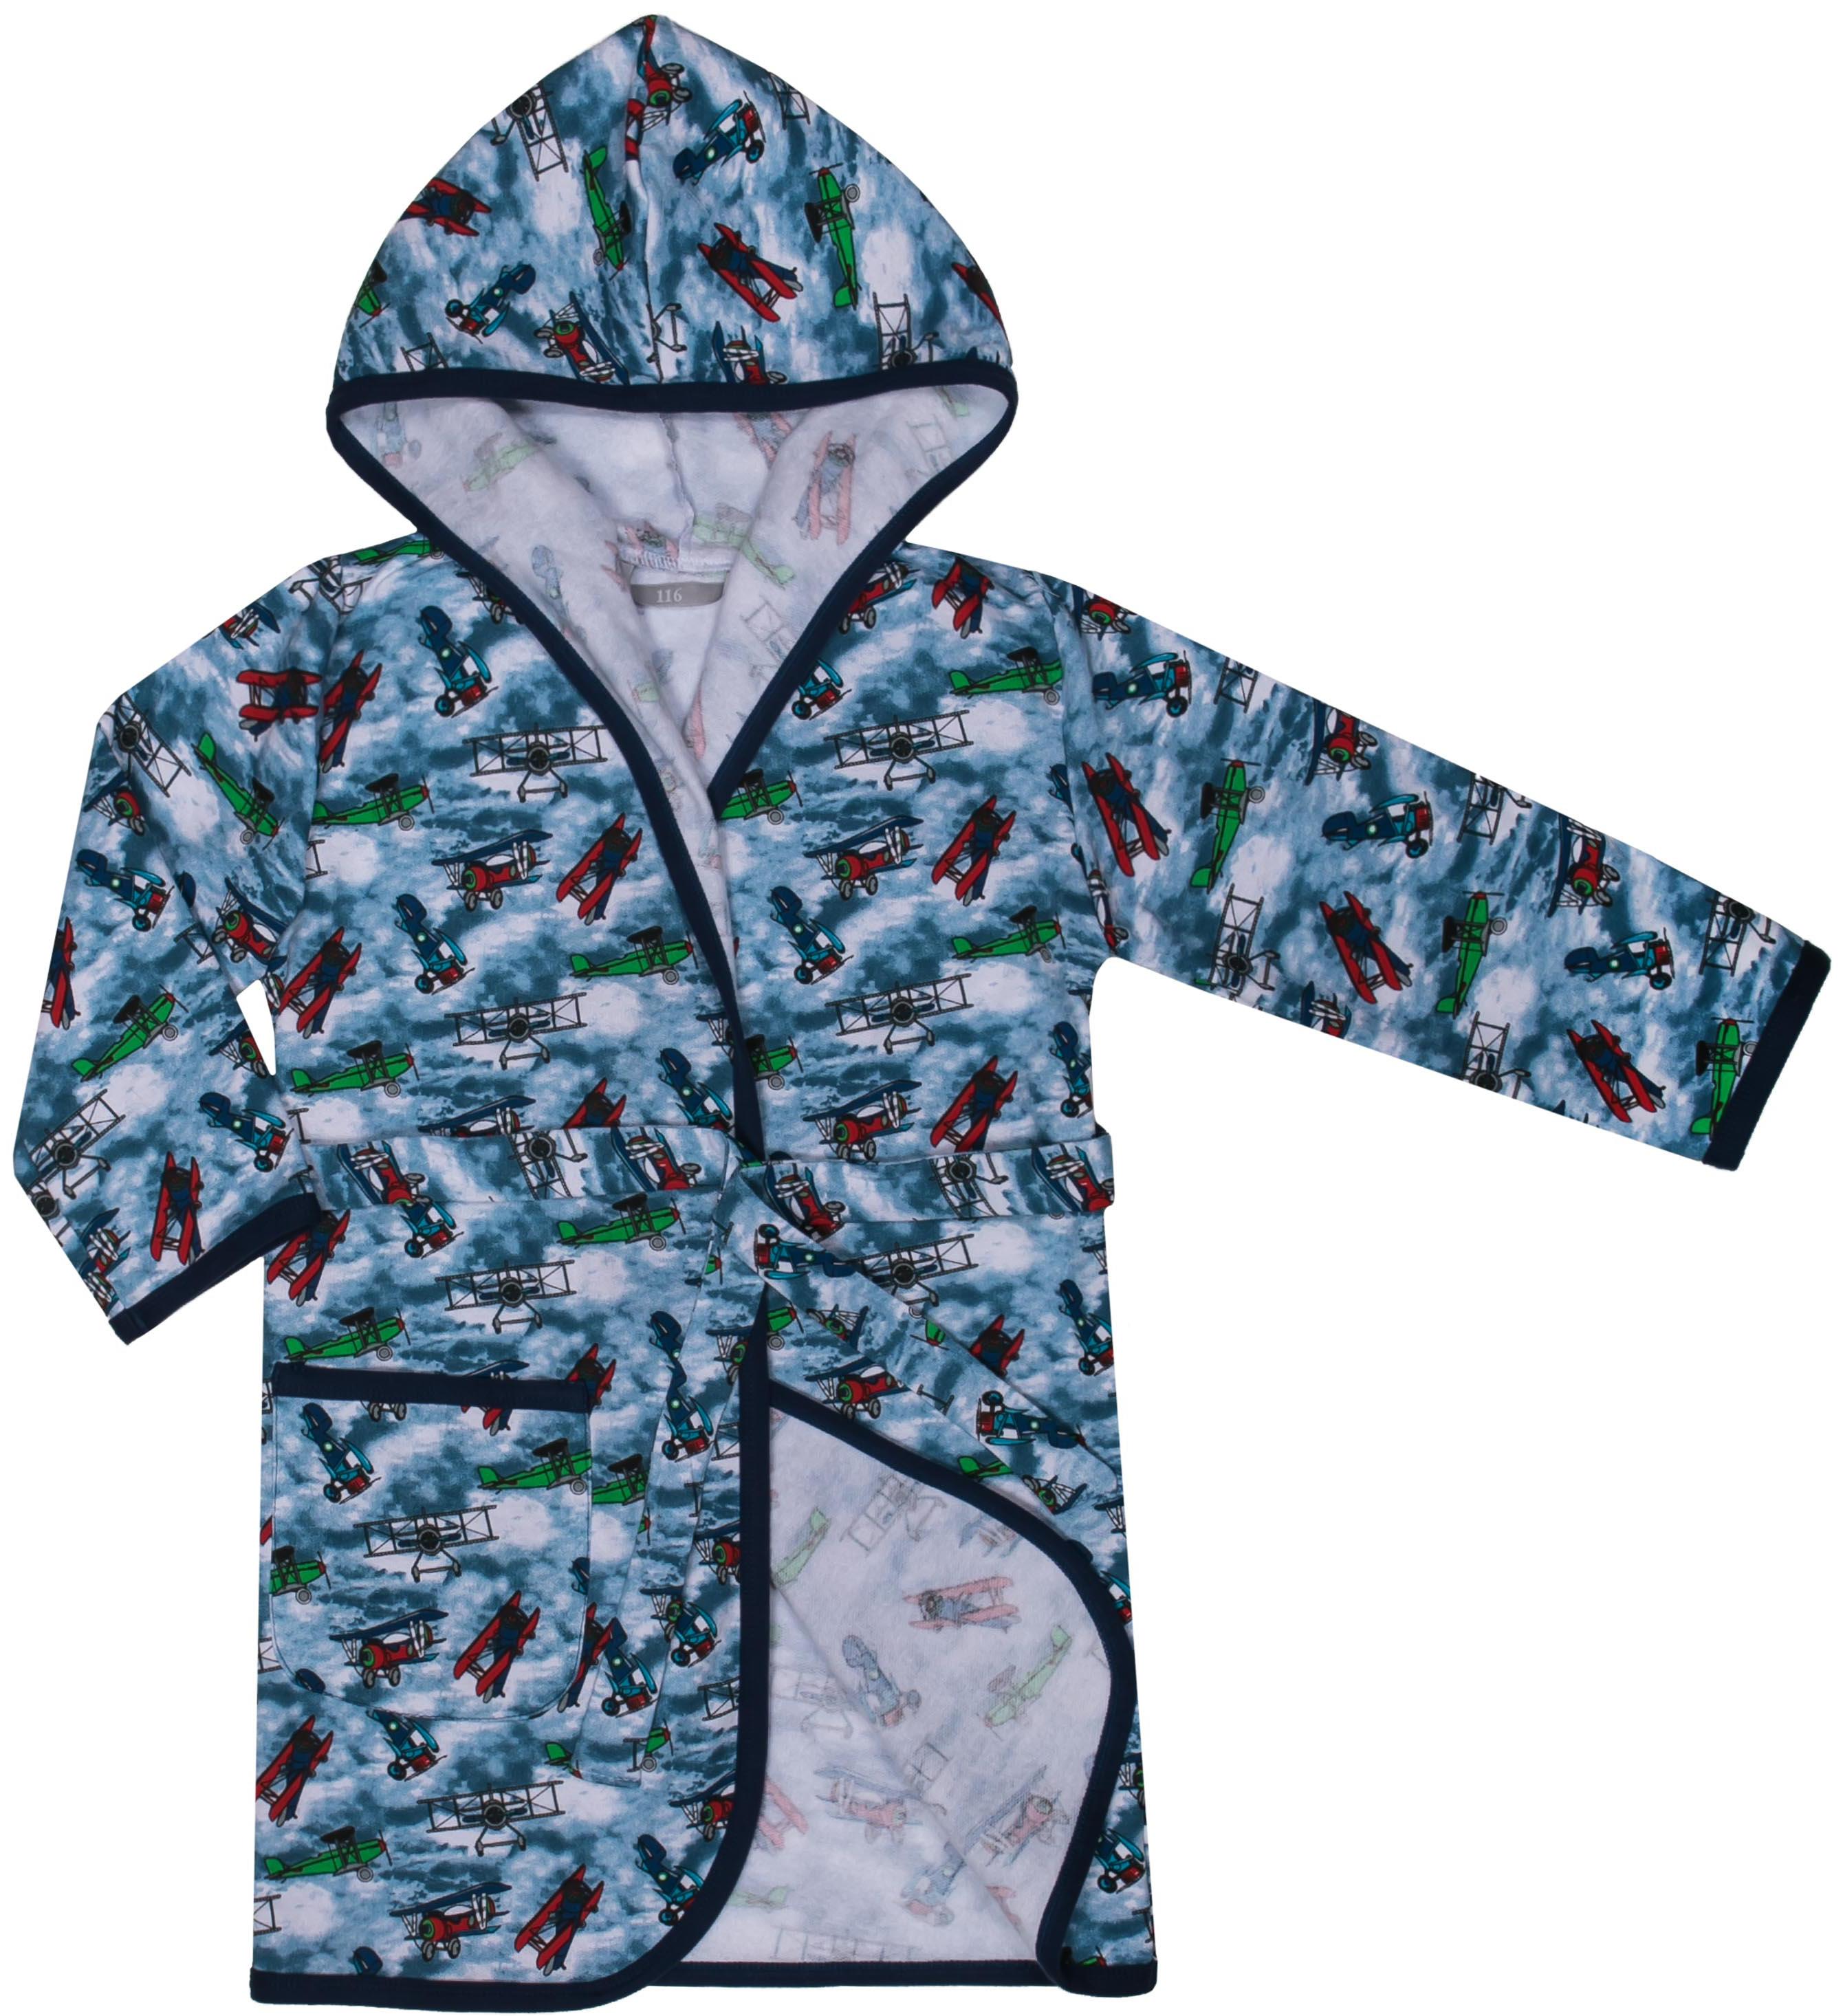 Халаты Barkito Халат детский Barkito, голубой с рисунком детские халаты five wien детский халат малыш цвет голубой 6 8 лет